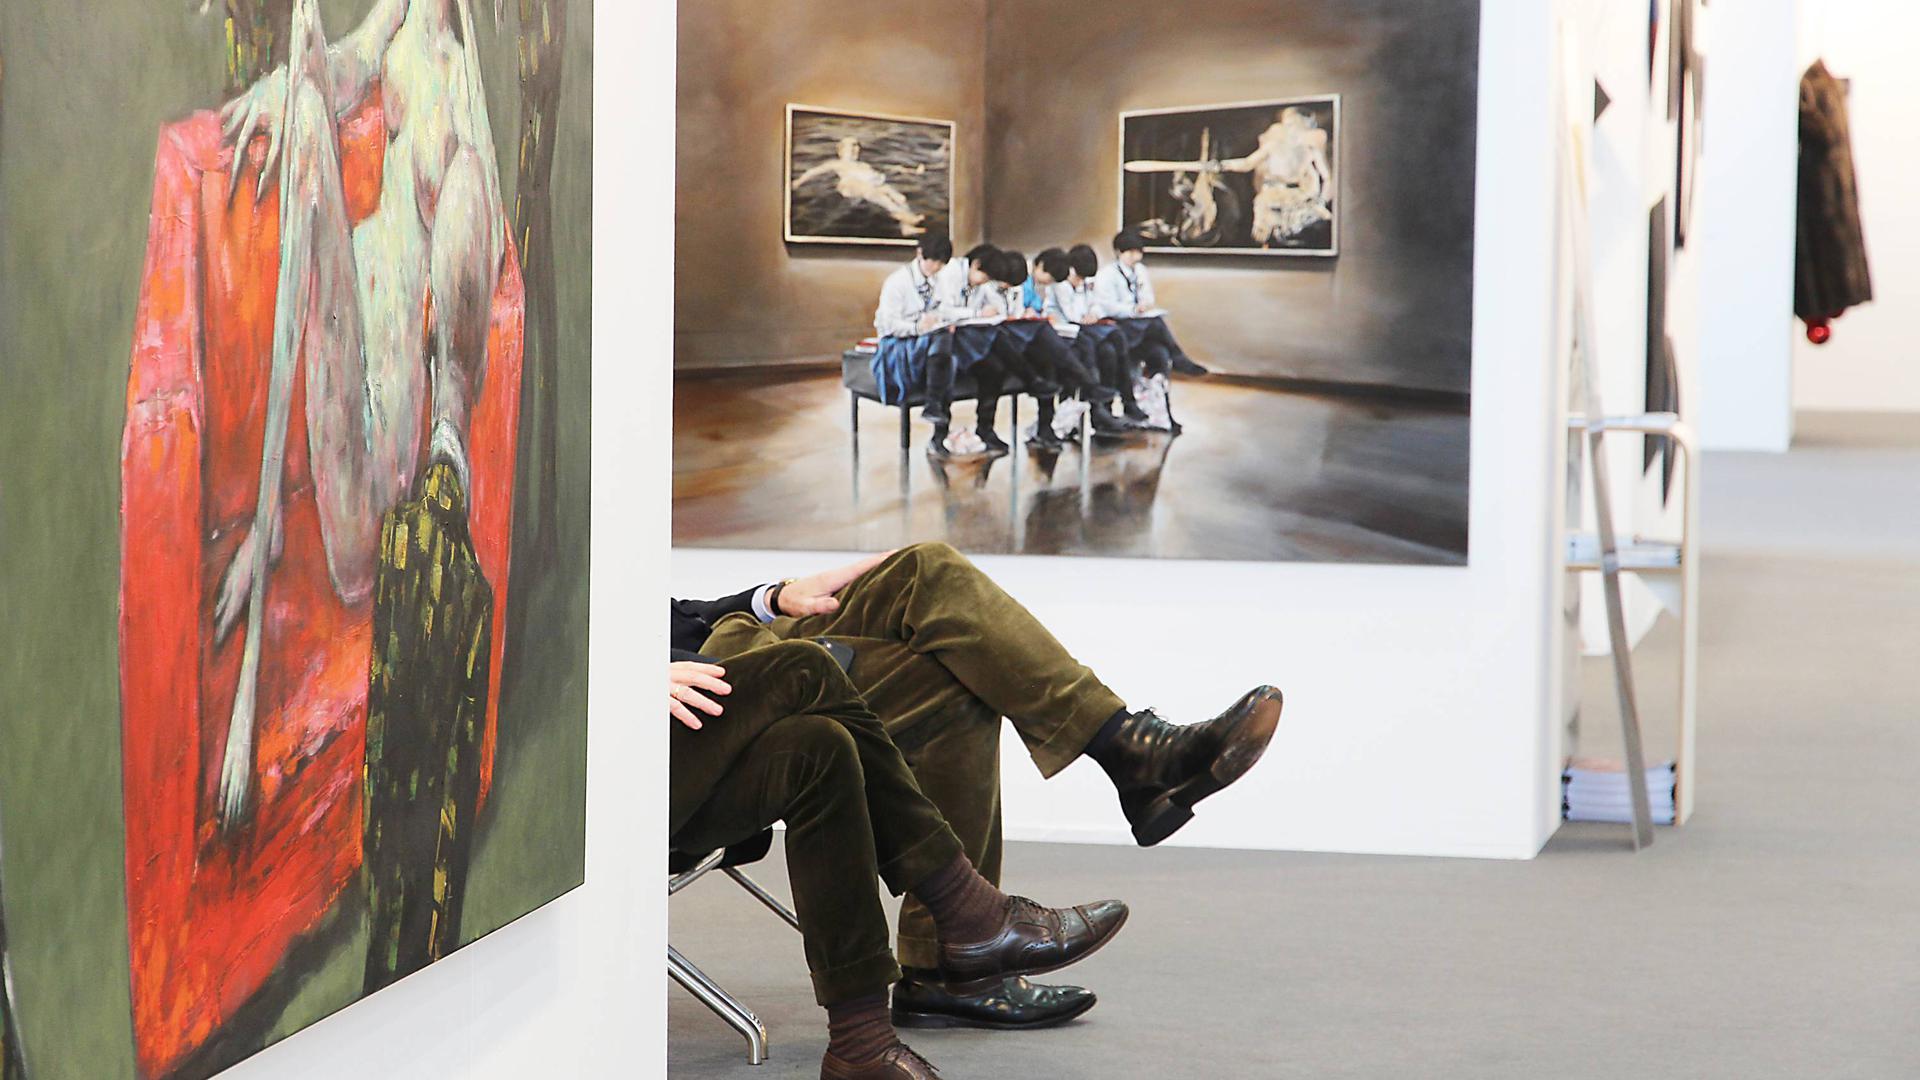 Blick auf eine Koje der art Karlsruhe. Links ein Gemälde, hinten ein Gemälde, dazwischen zwei Paar Männerbeine in Cordhosen; die Männer selbst sieht man nicht.